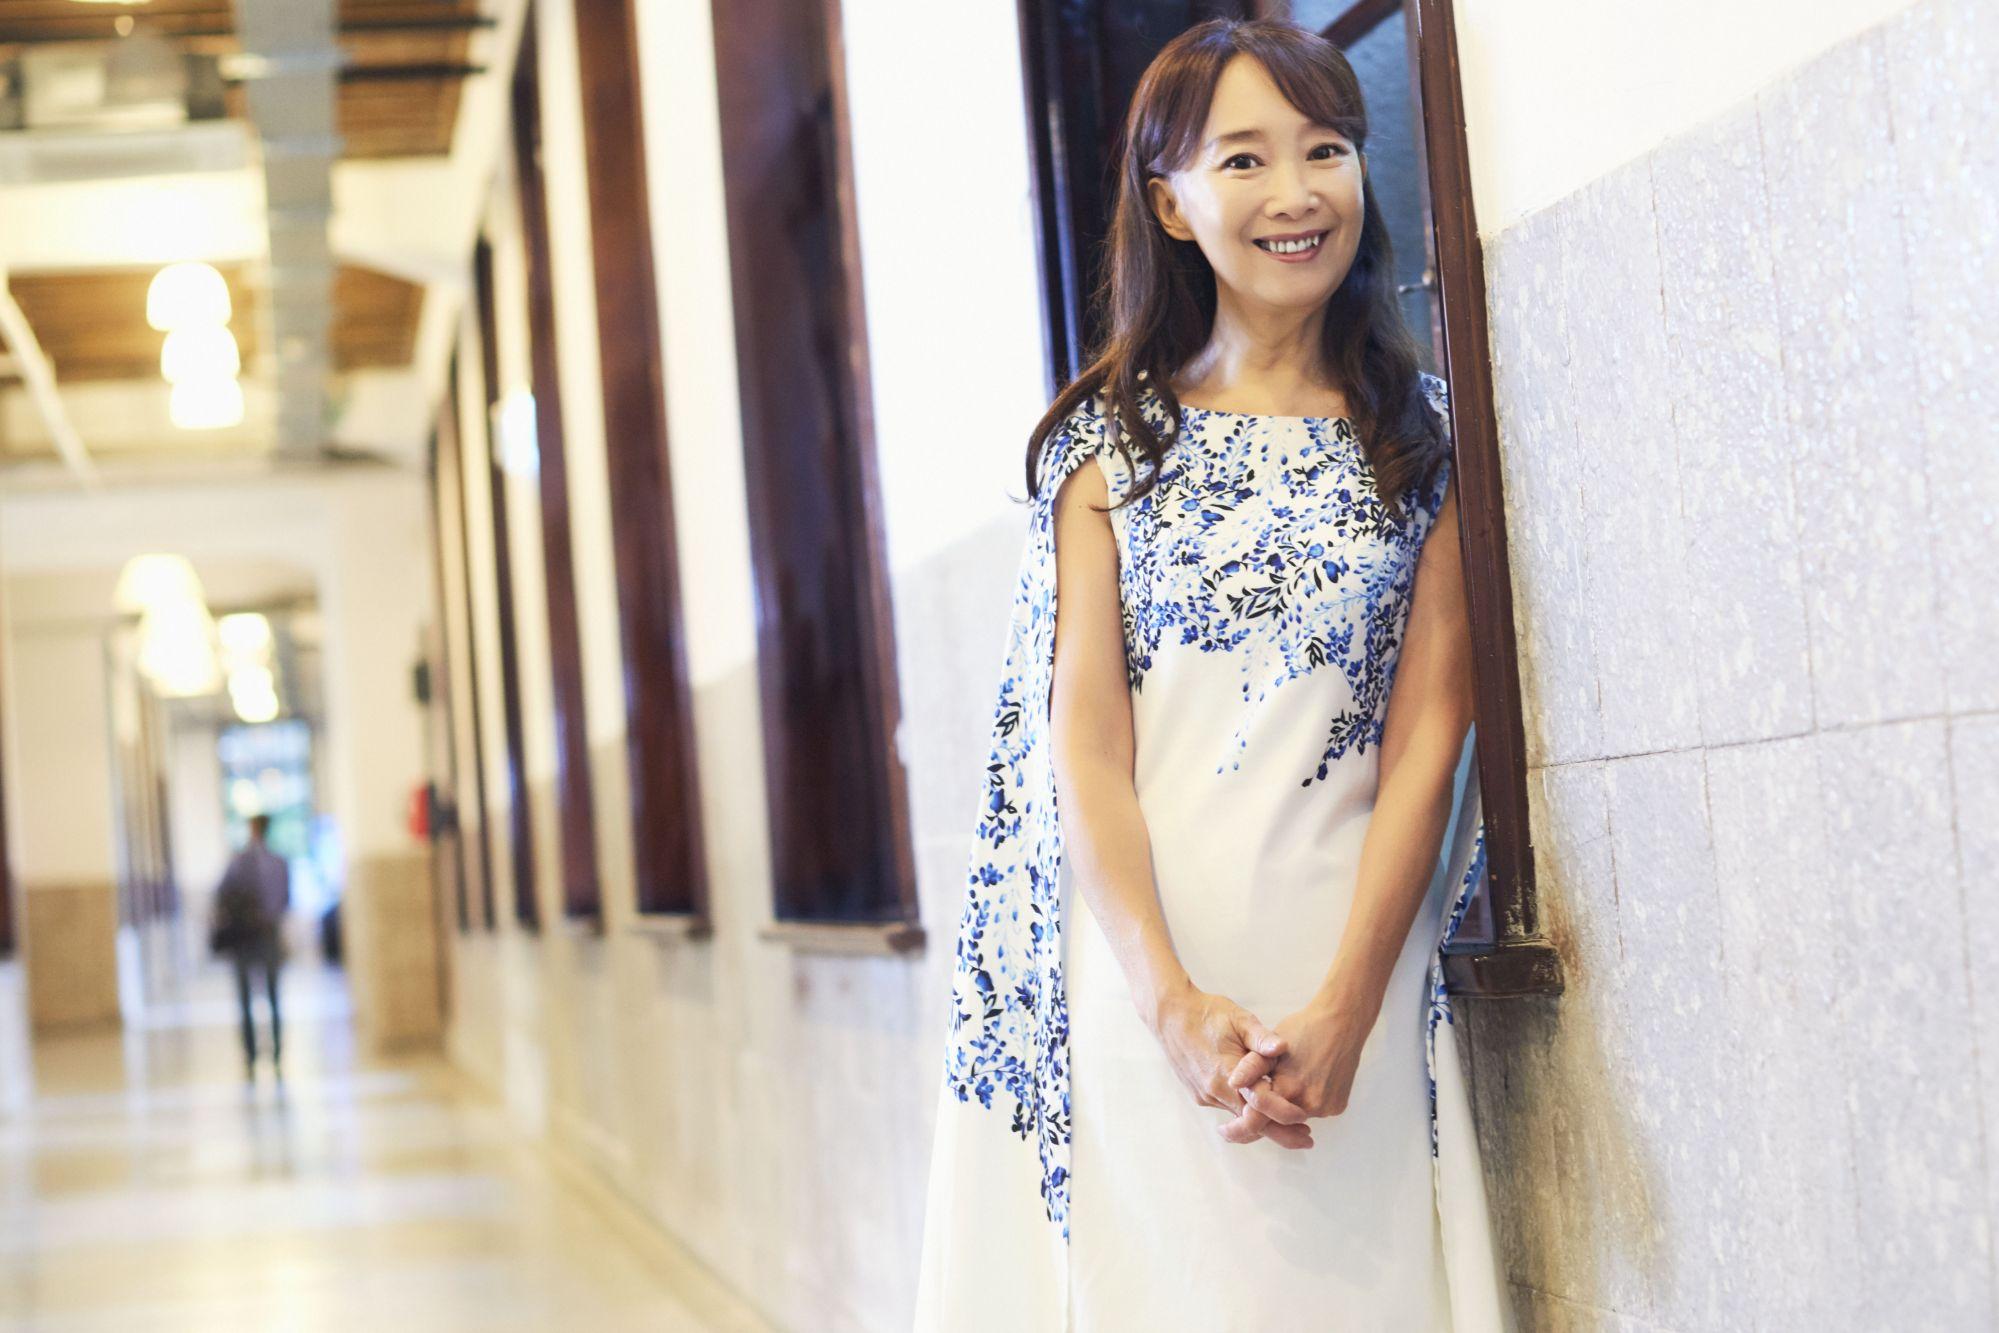 她將三個兒子都送上史丹佛大學!教育博士陳美齡:「教育的目的並不是一定要有一個結果,而是培養孩子喜歡去學習、去分享。」